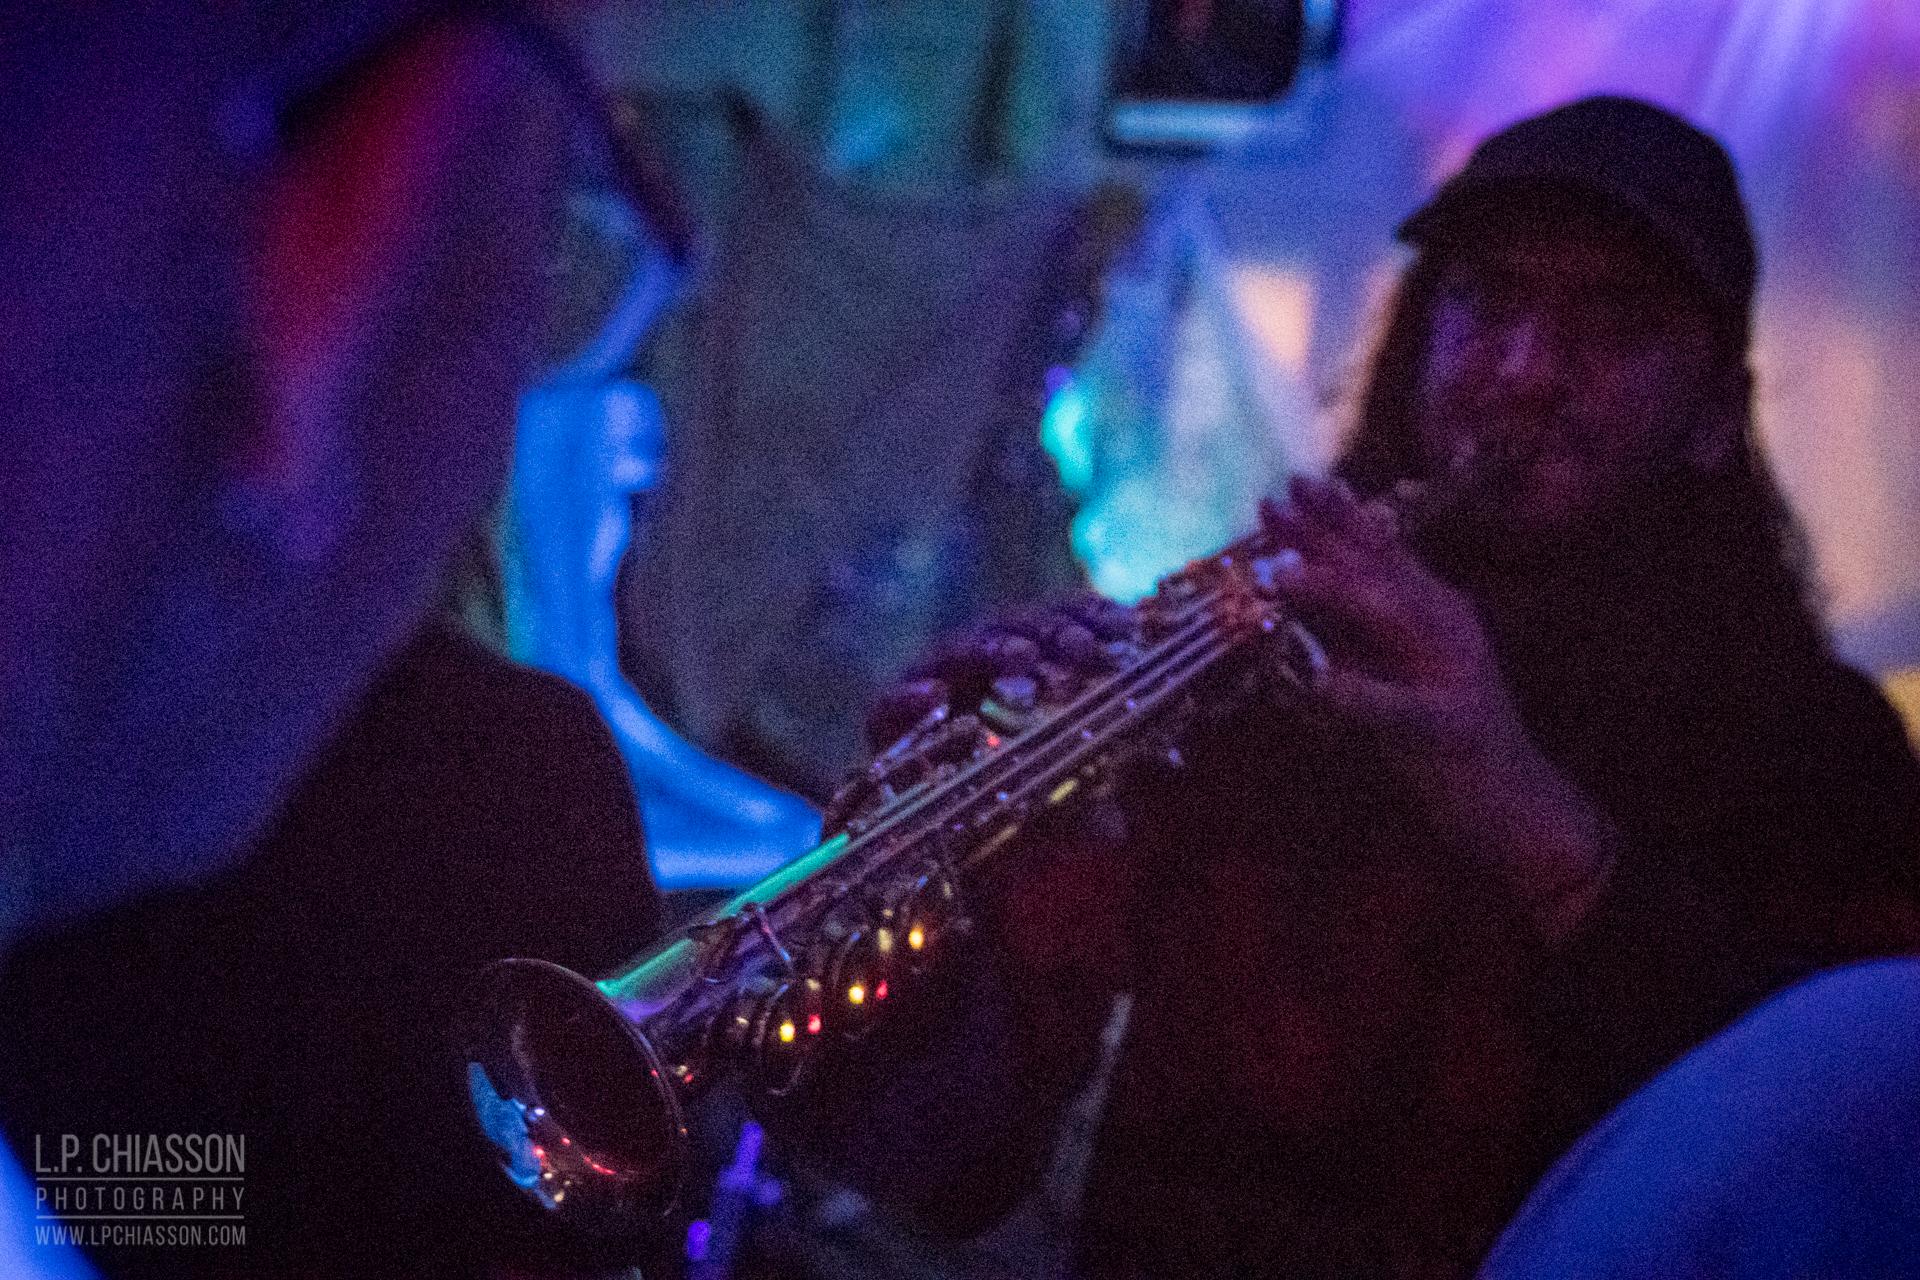 Le set de Nick Dourado à GLAM Cave, coordonné par Russell Louder à Flotilla. Photo: LP Chiasson & Festival Inspire